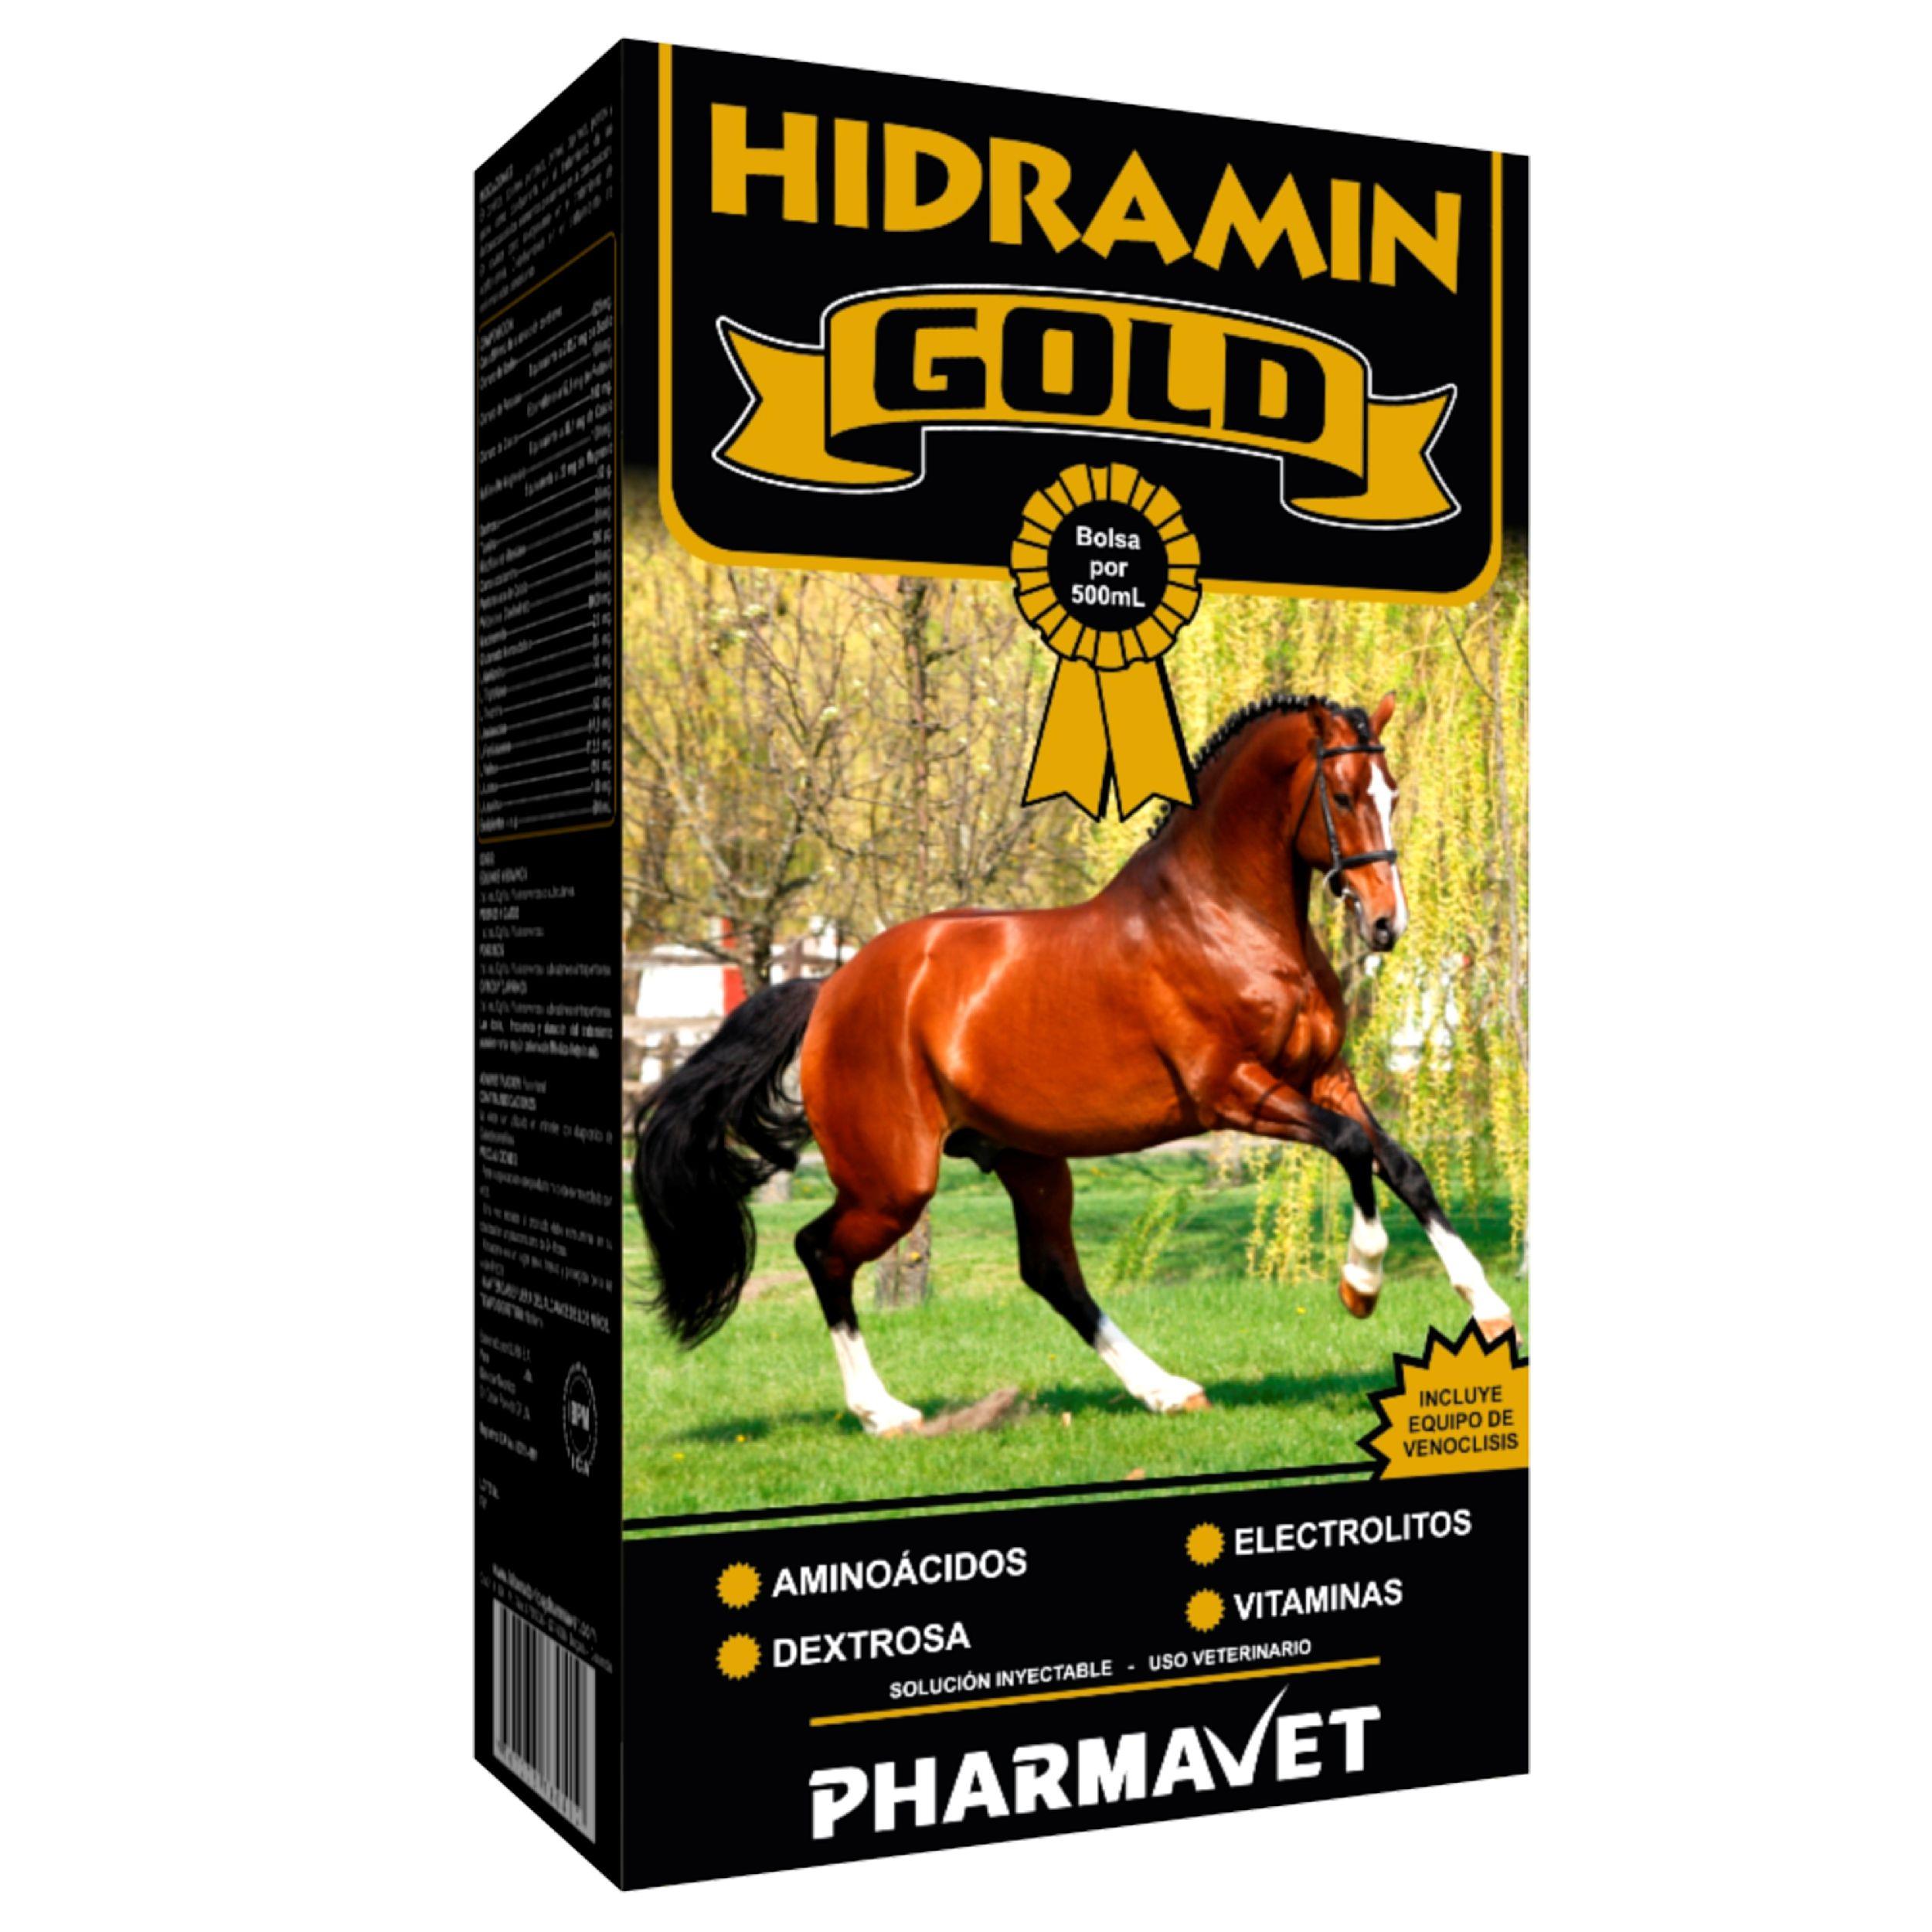 Hidramin Gold Caballo.jpg